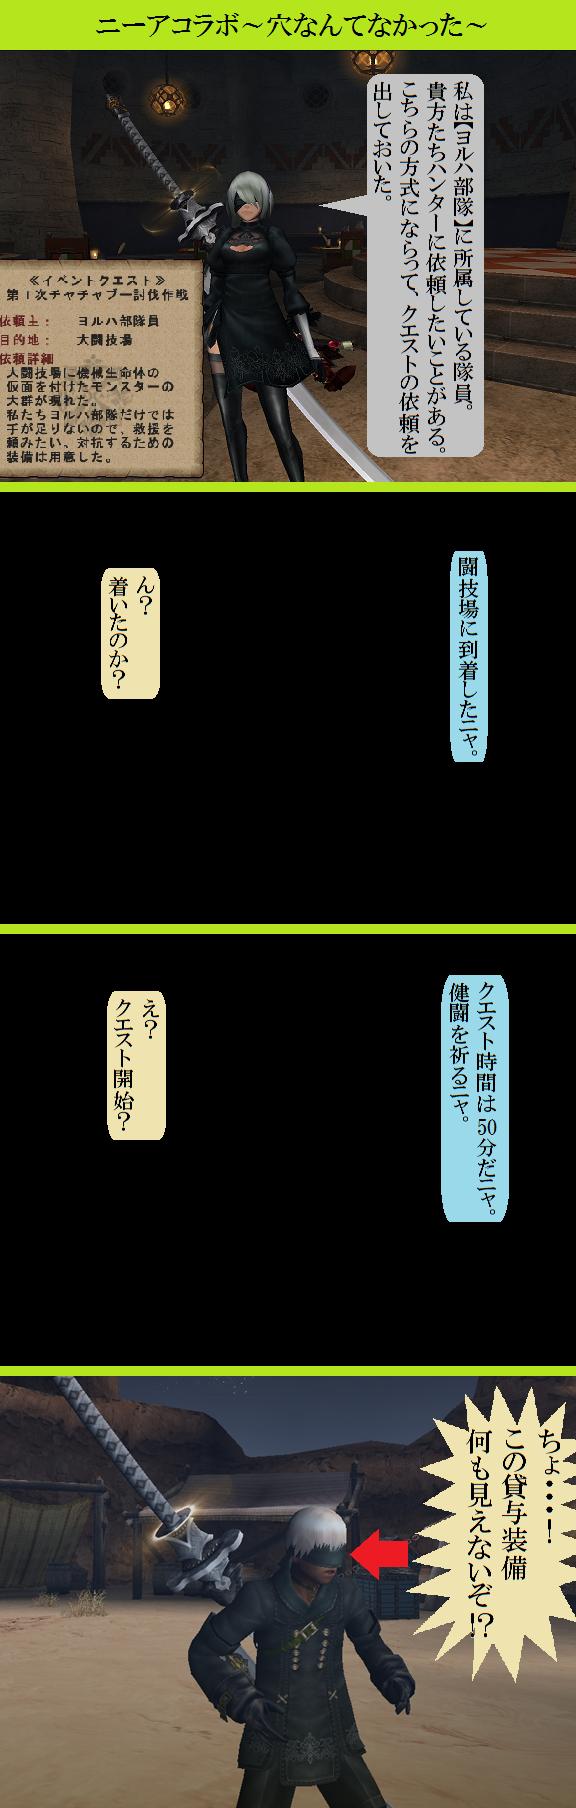 20170517 「ニーアコラボ~穴なんてなかった~」